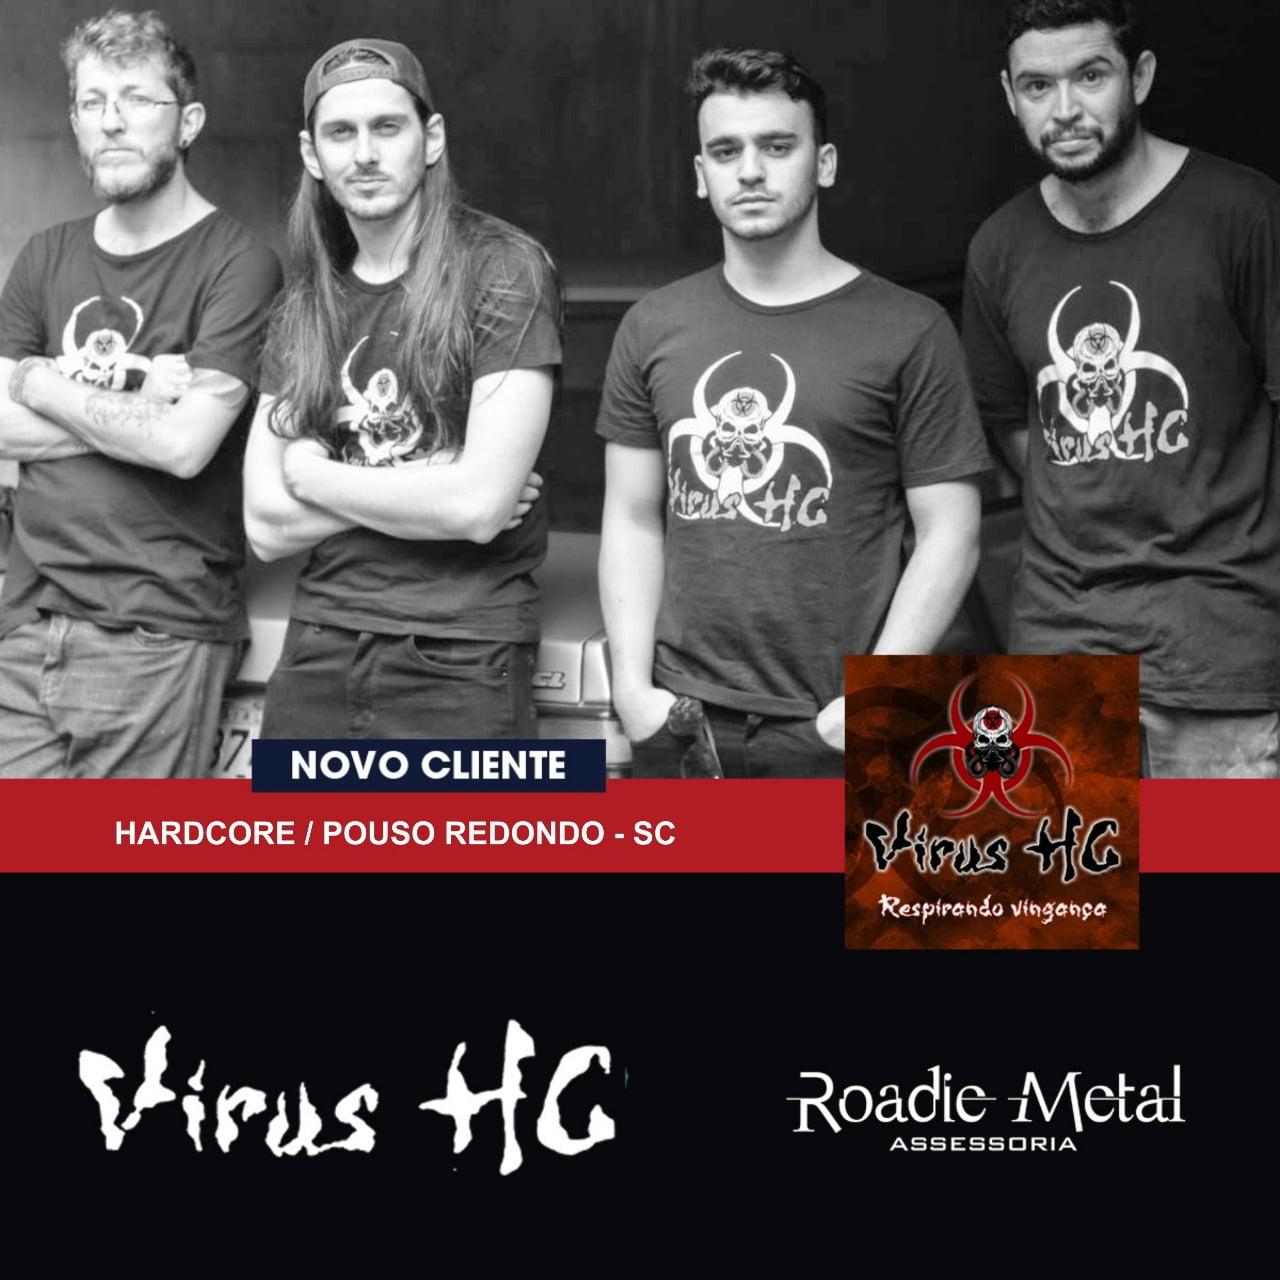 Vírus HC retoma carreira, lança EP e fecha assessoria com a Roadie Metal